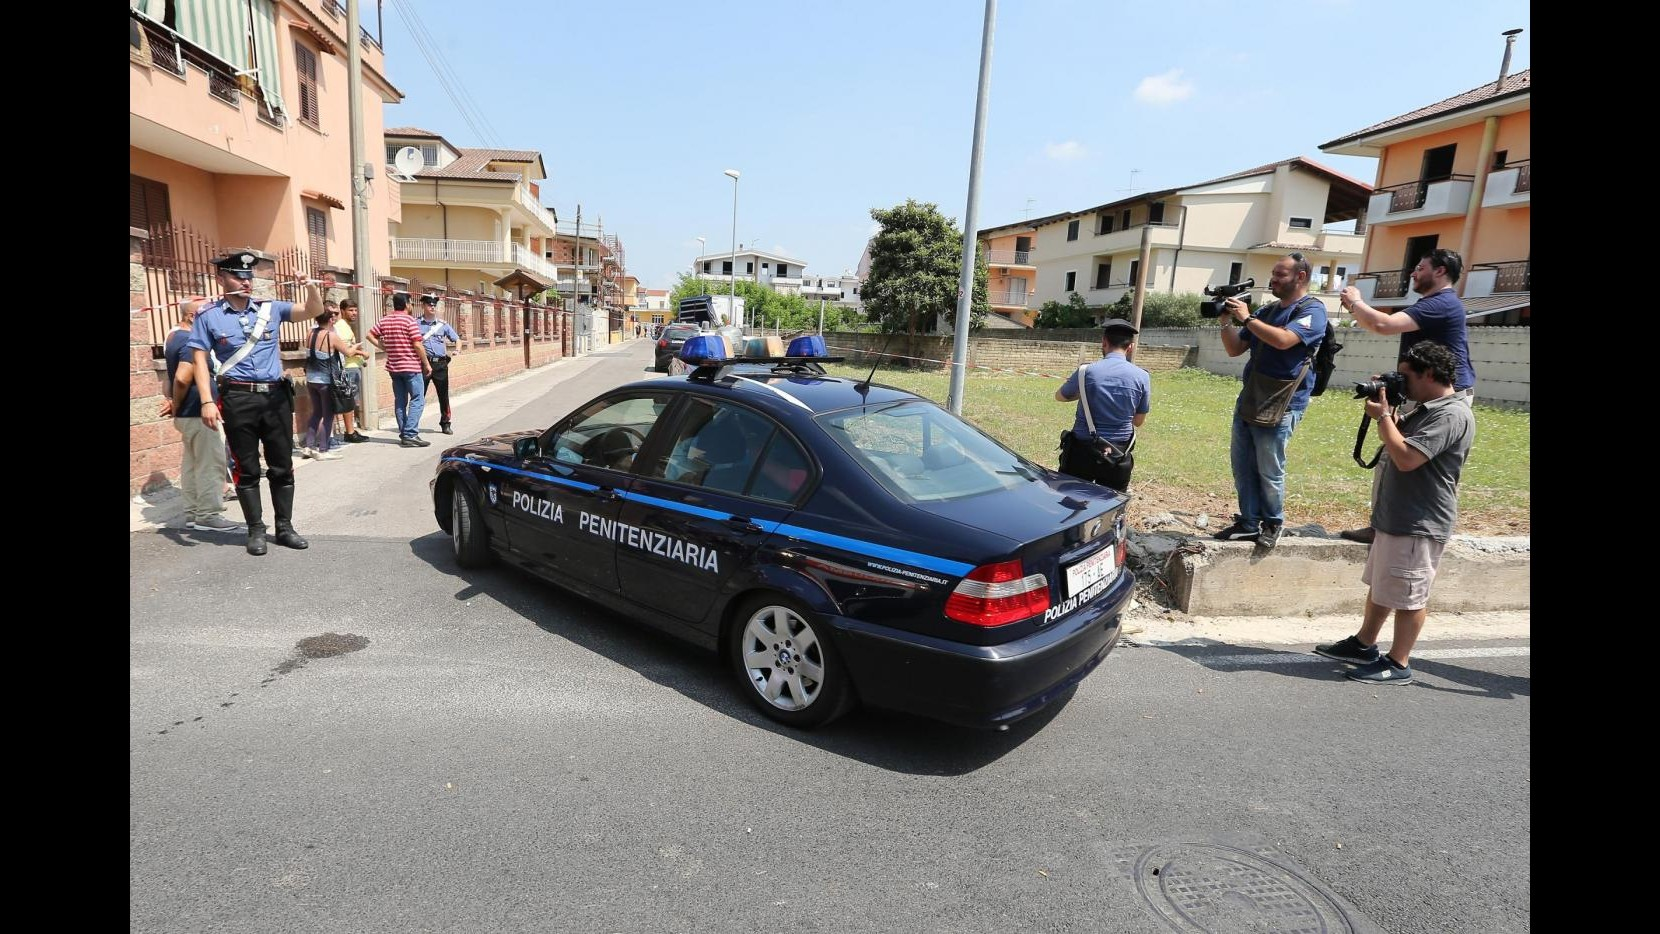 Carceri, detenuto aggredisce la polizia penitenziaria a Rebibbia